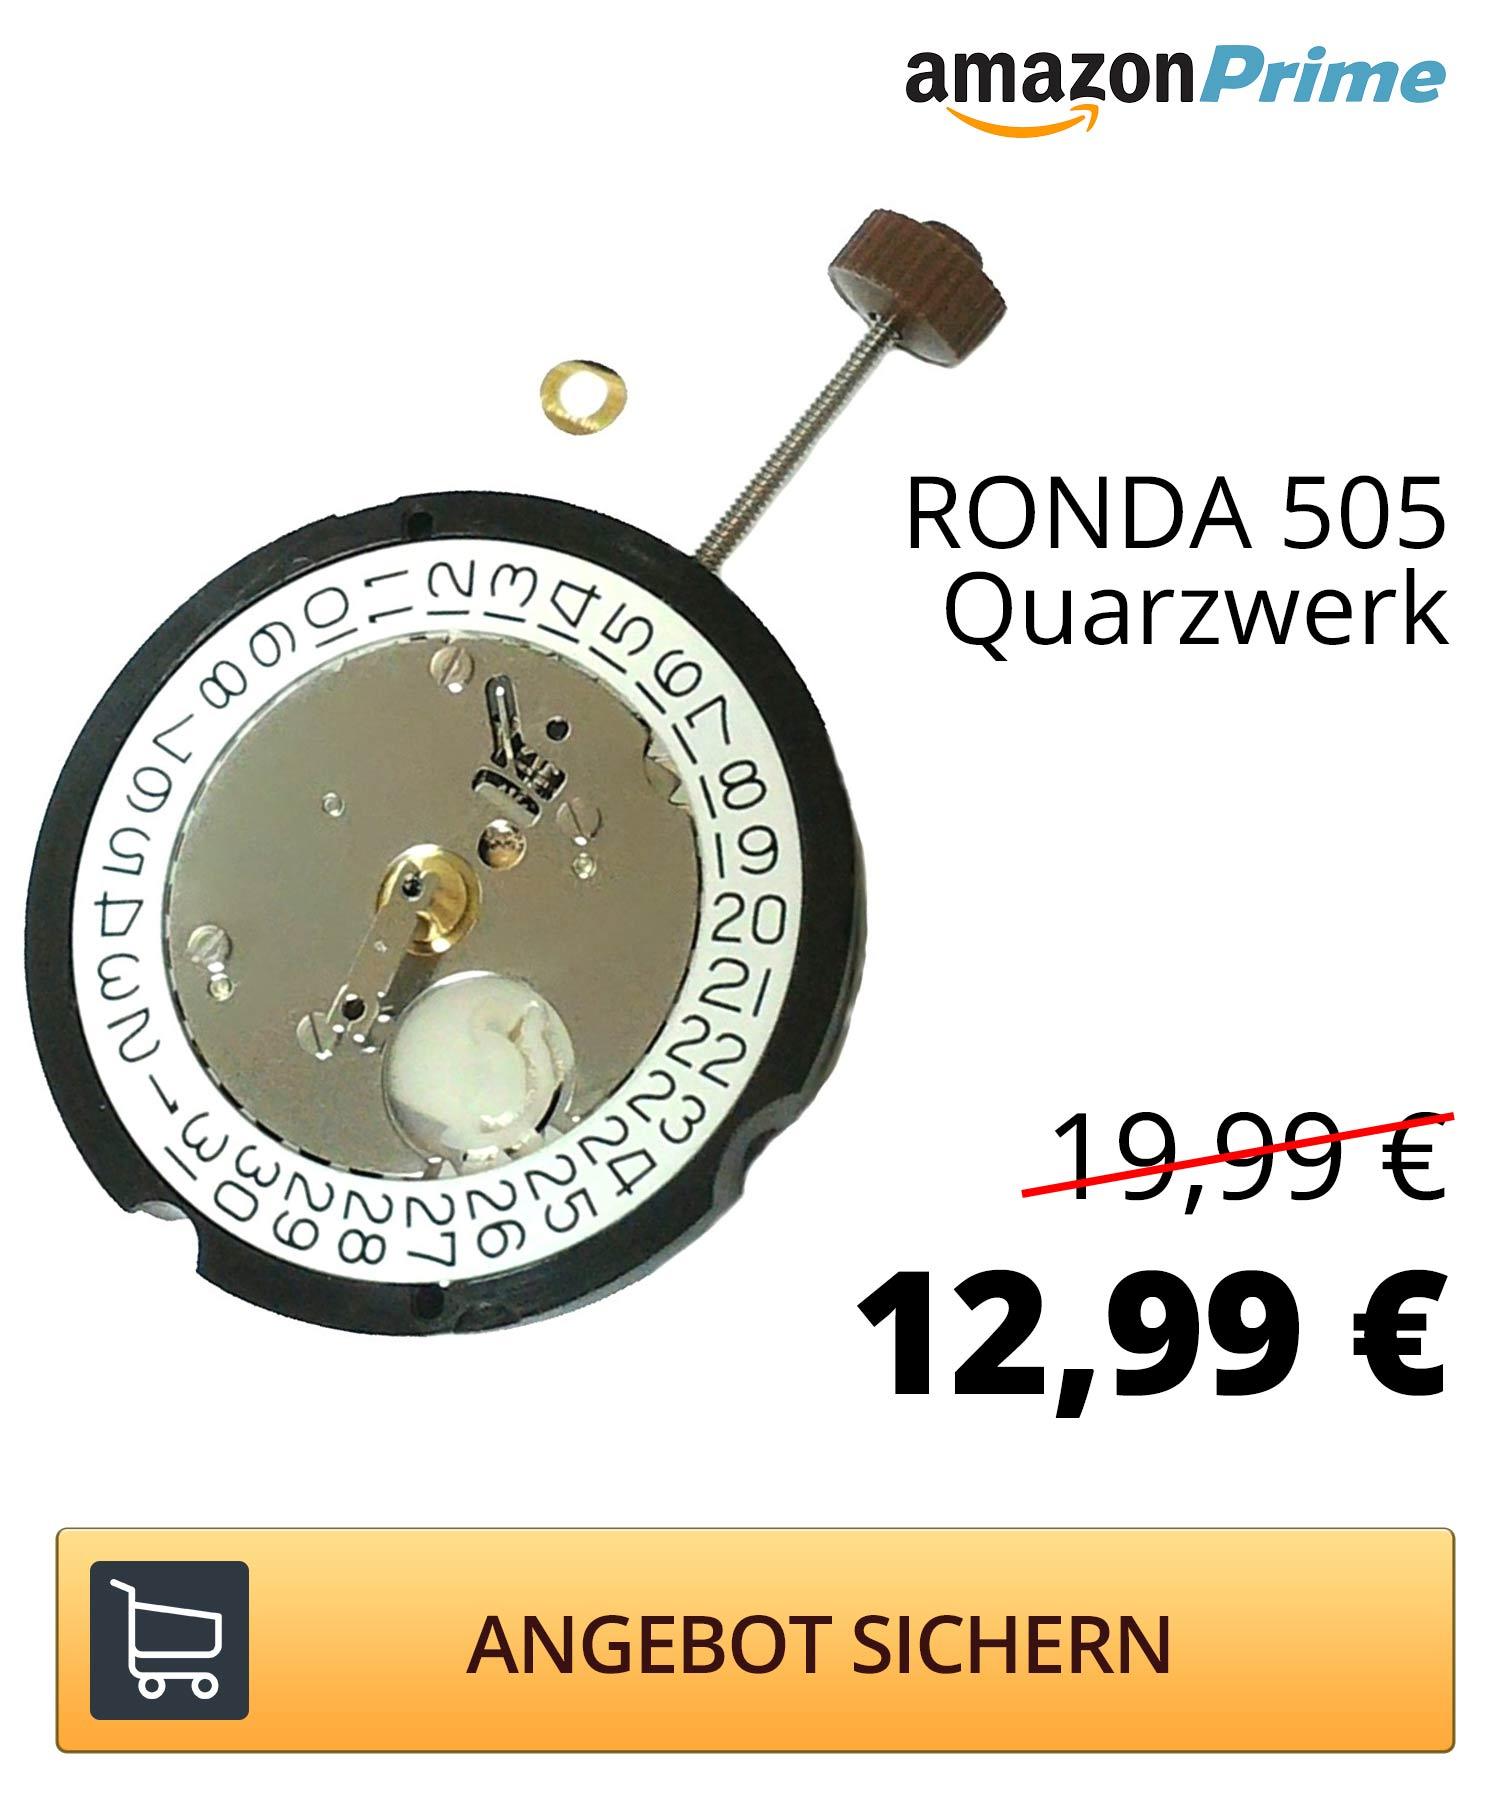 ronda-505-quarzwerk-kaufen